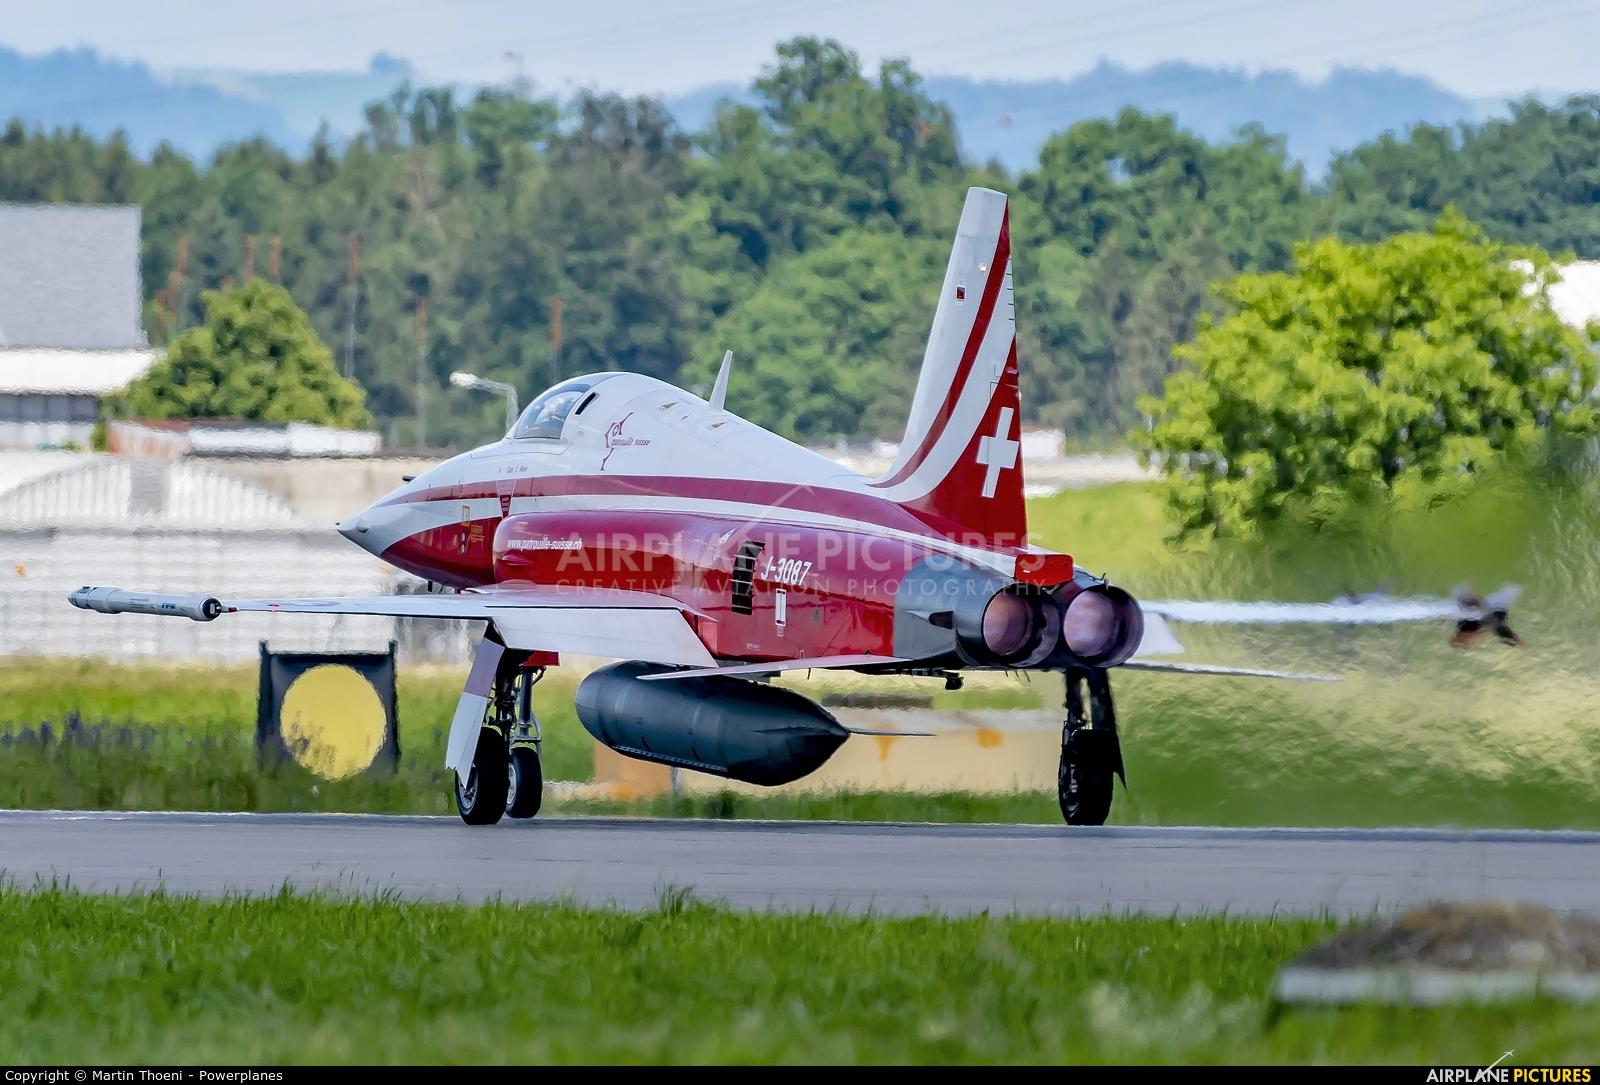 Switzerland - Air Force J-3087 aircraft at Emmen